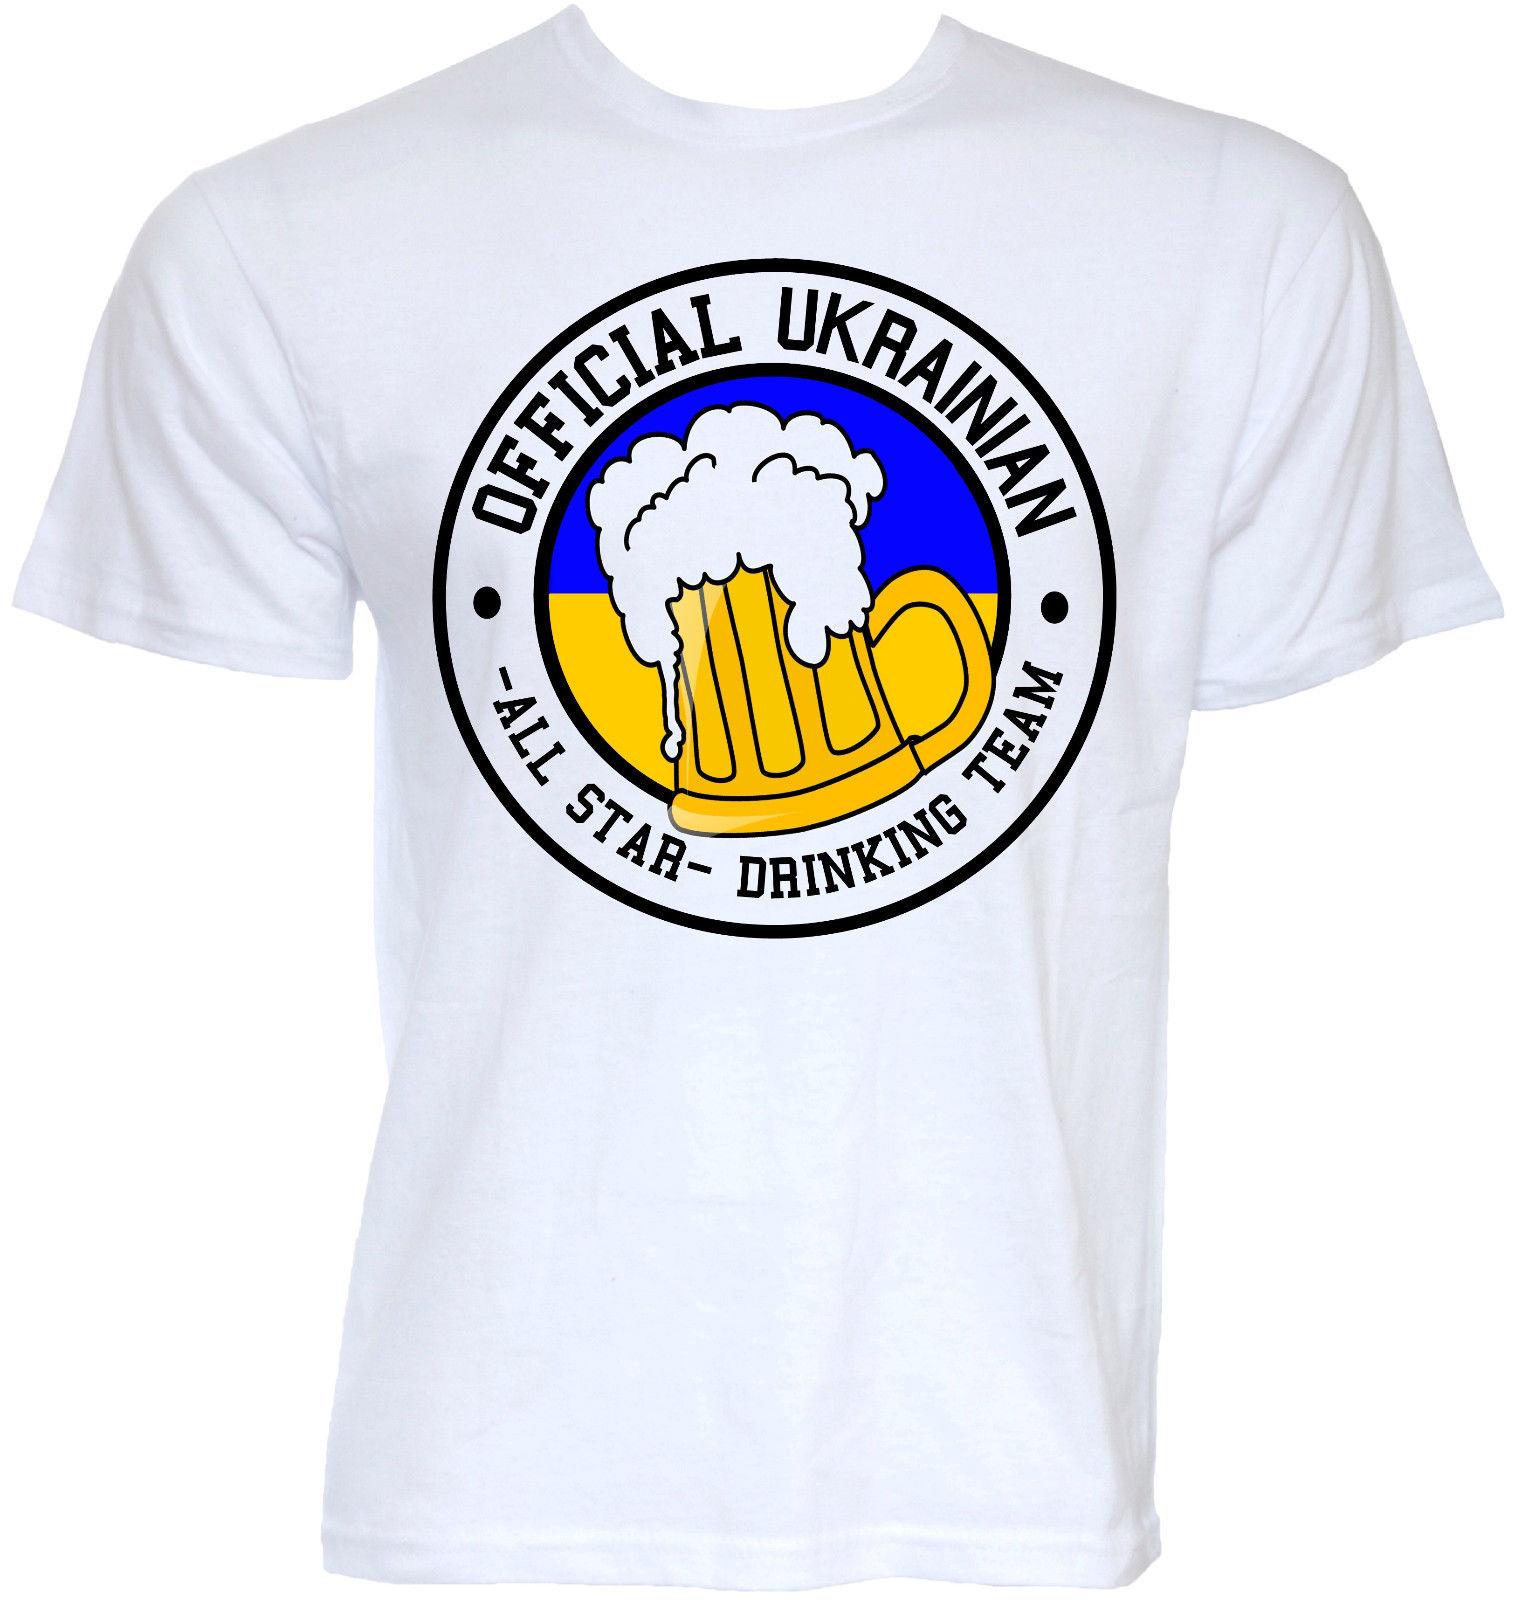 Мужская забавная крутая Новинка украинская Украина пиво слоган флаг шутка футболки подарки Мужская взрослая Приталенная футболка S-Xxxl